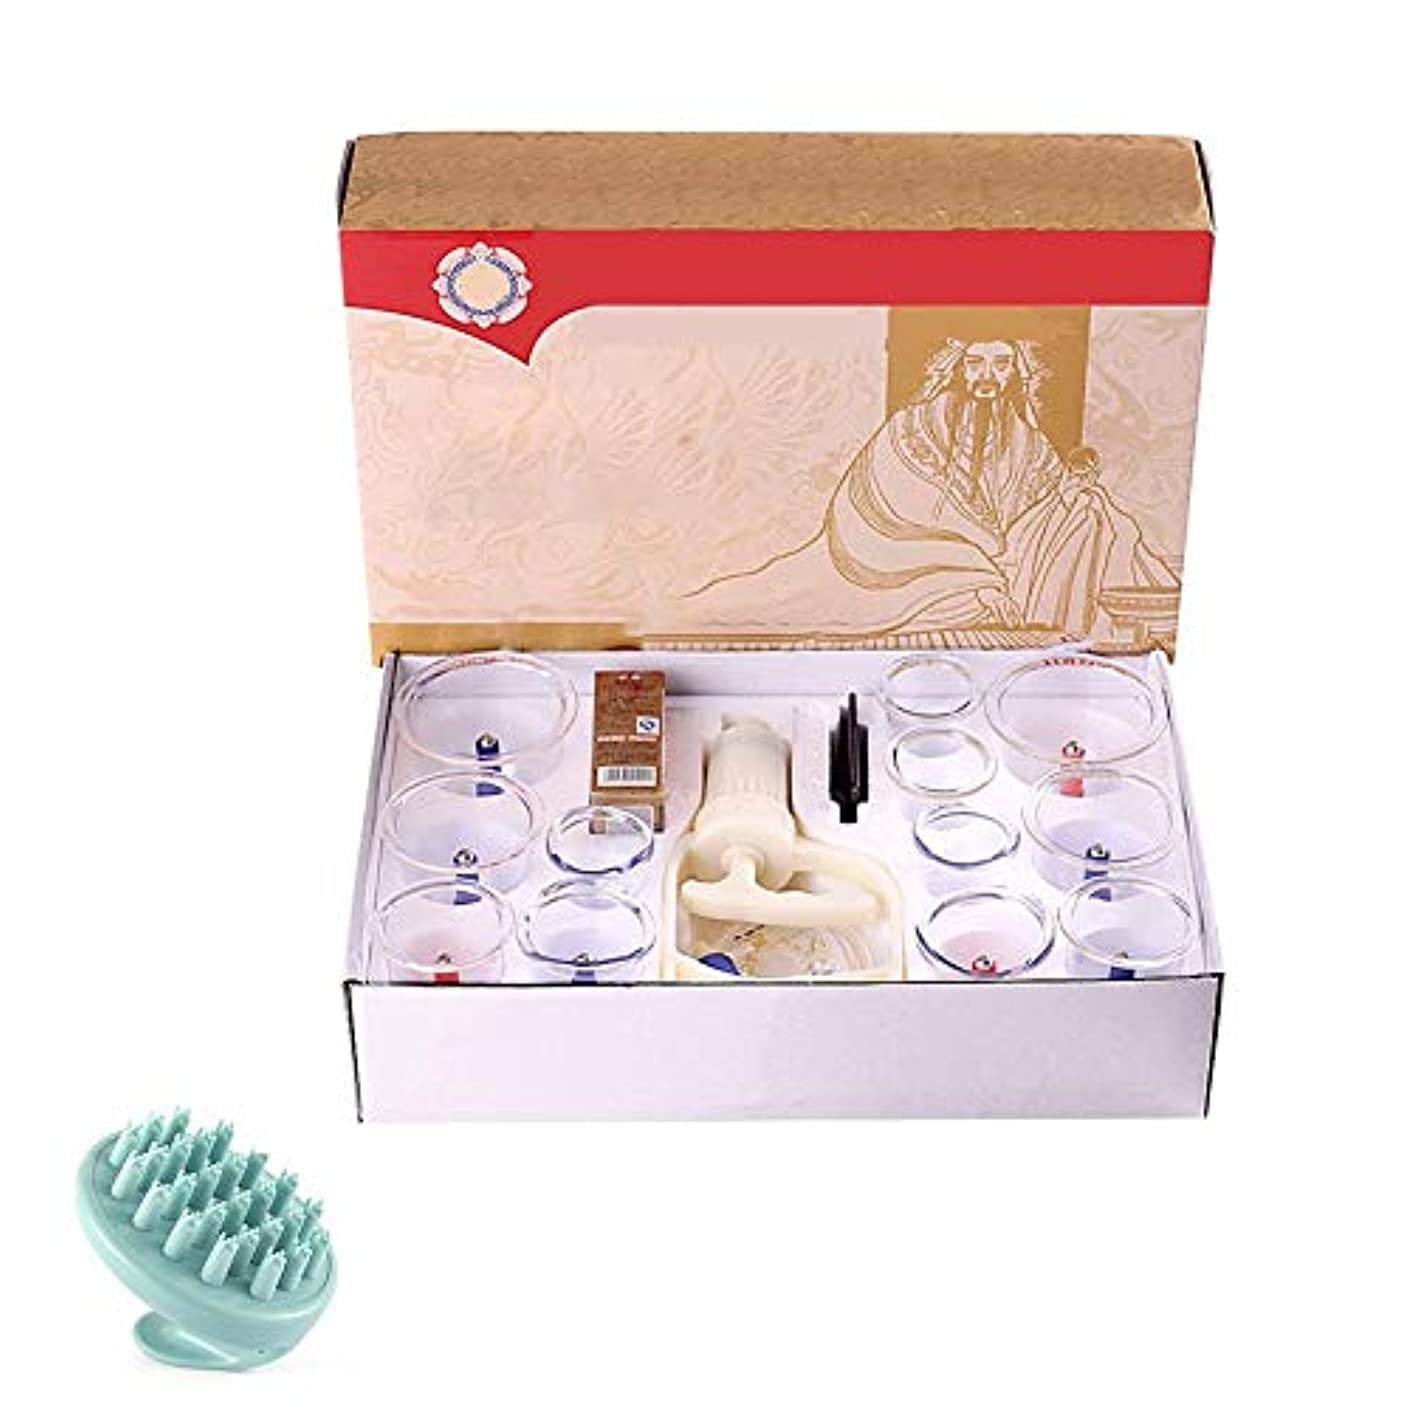 ボンド輸送あからさま12カップマッサージカッピングセット、真空吸引生体磁気中国ツボ療法、女性と男性のための家、ストレス筋肉緩和、親家族のための最高の贈り物